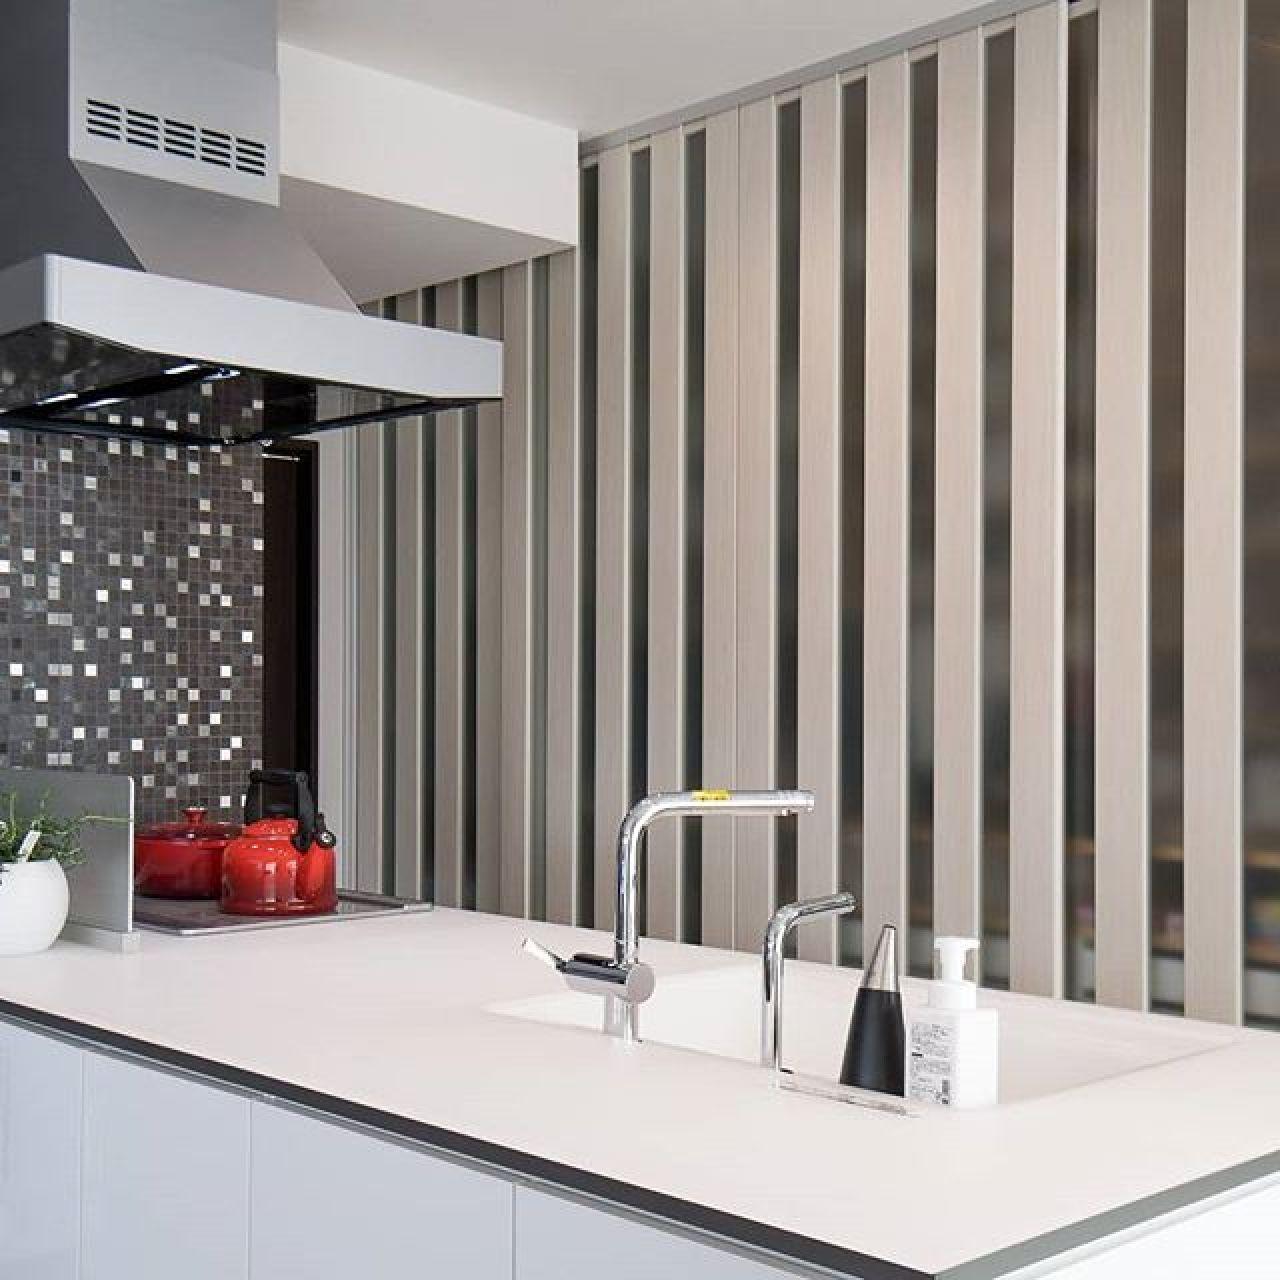 キッチンの収納はすべて隠す幅3.6m高さ2.6m大の作り付け収納に、電子レンジ等の調理家電から食器、電話FAX、モデム、ルーターも全部隠しています。使うときは全部ドアを開けるので使い勝手も抜群だとか。乱雑になりがちなキッチン・ダイニング周り、いつもキレイでいられる工夫です。#造作食器棚 #食器棚 #作り付け家具 #システム収納 #キッチン収納 #スッキリ #注文住宅